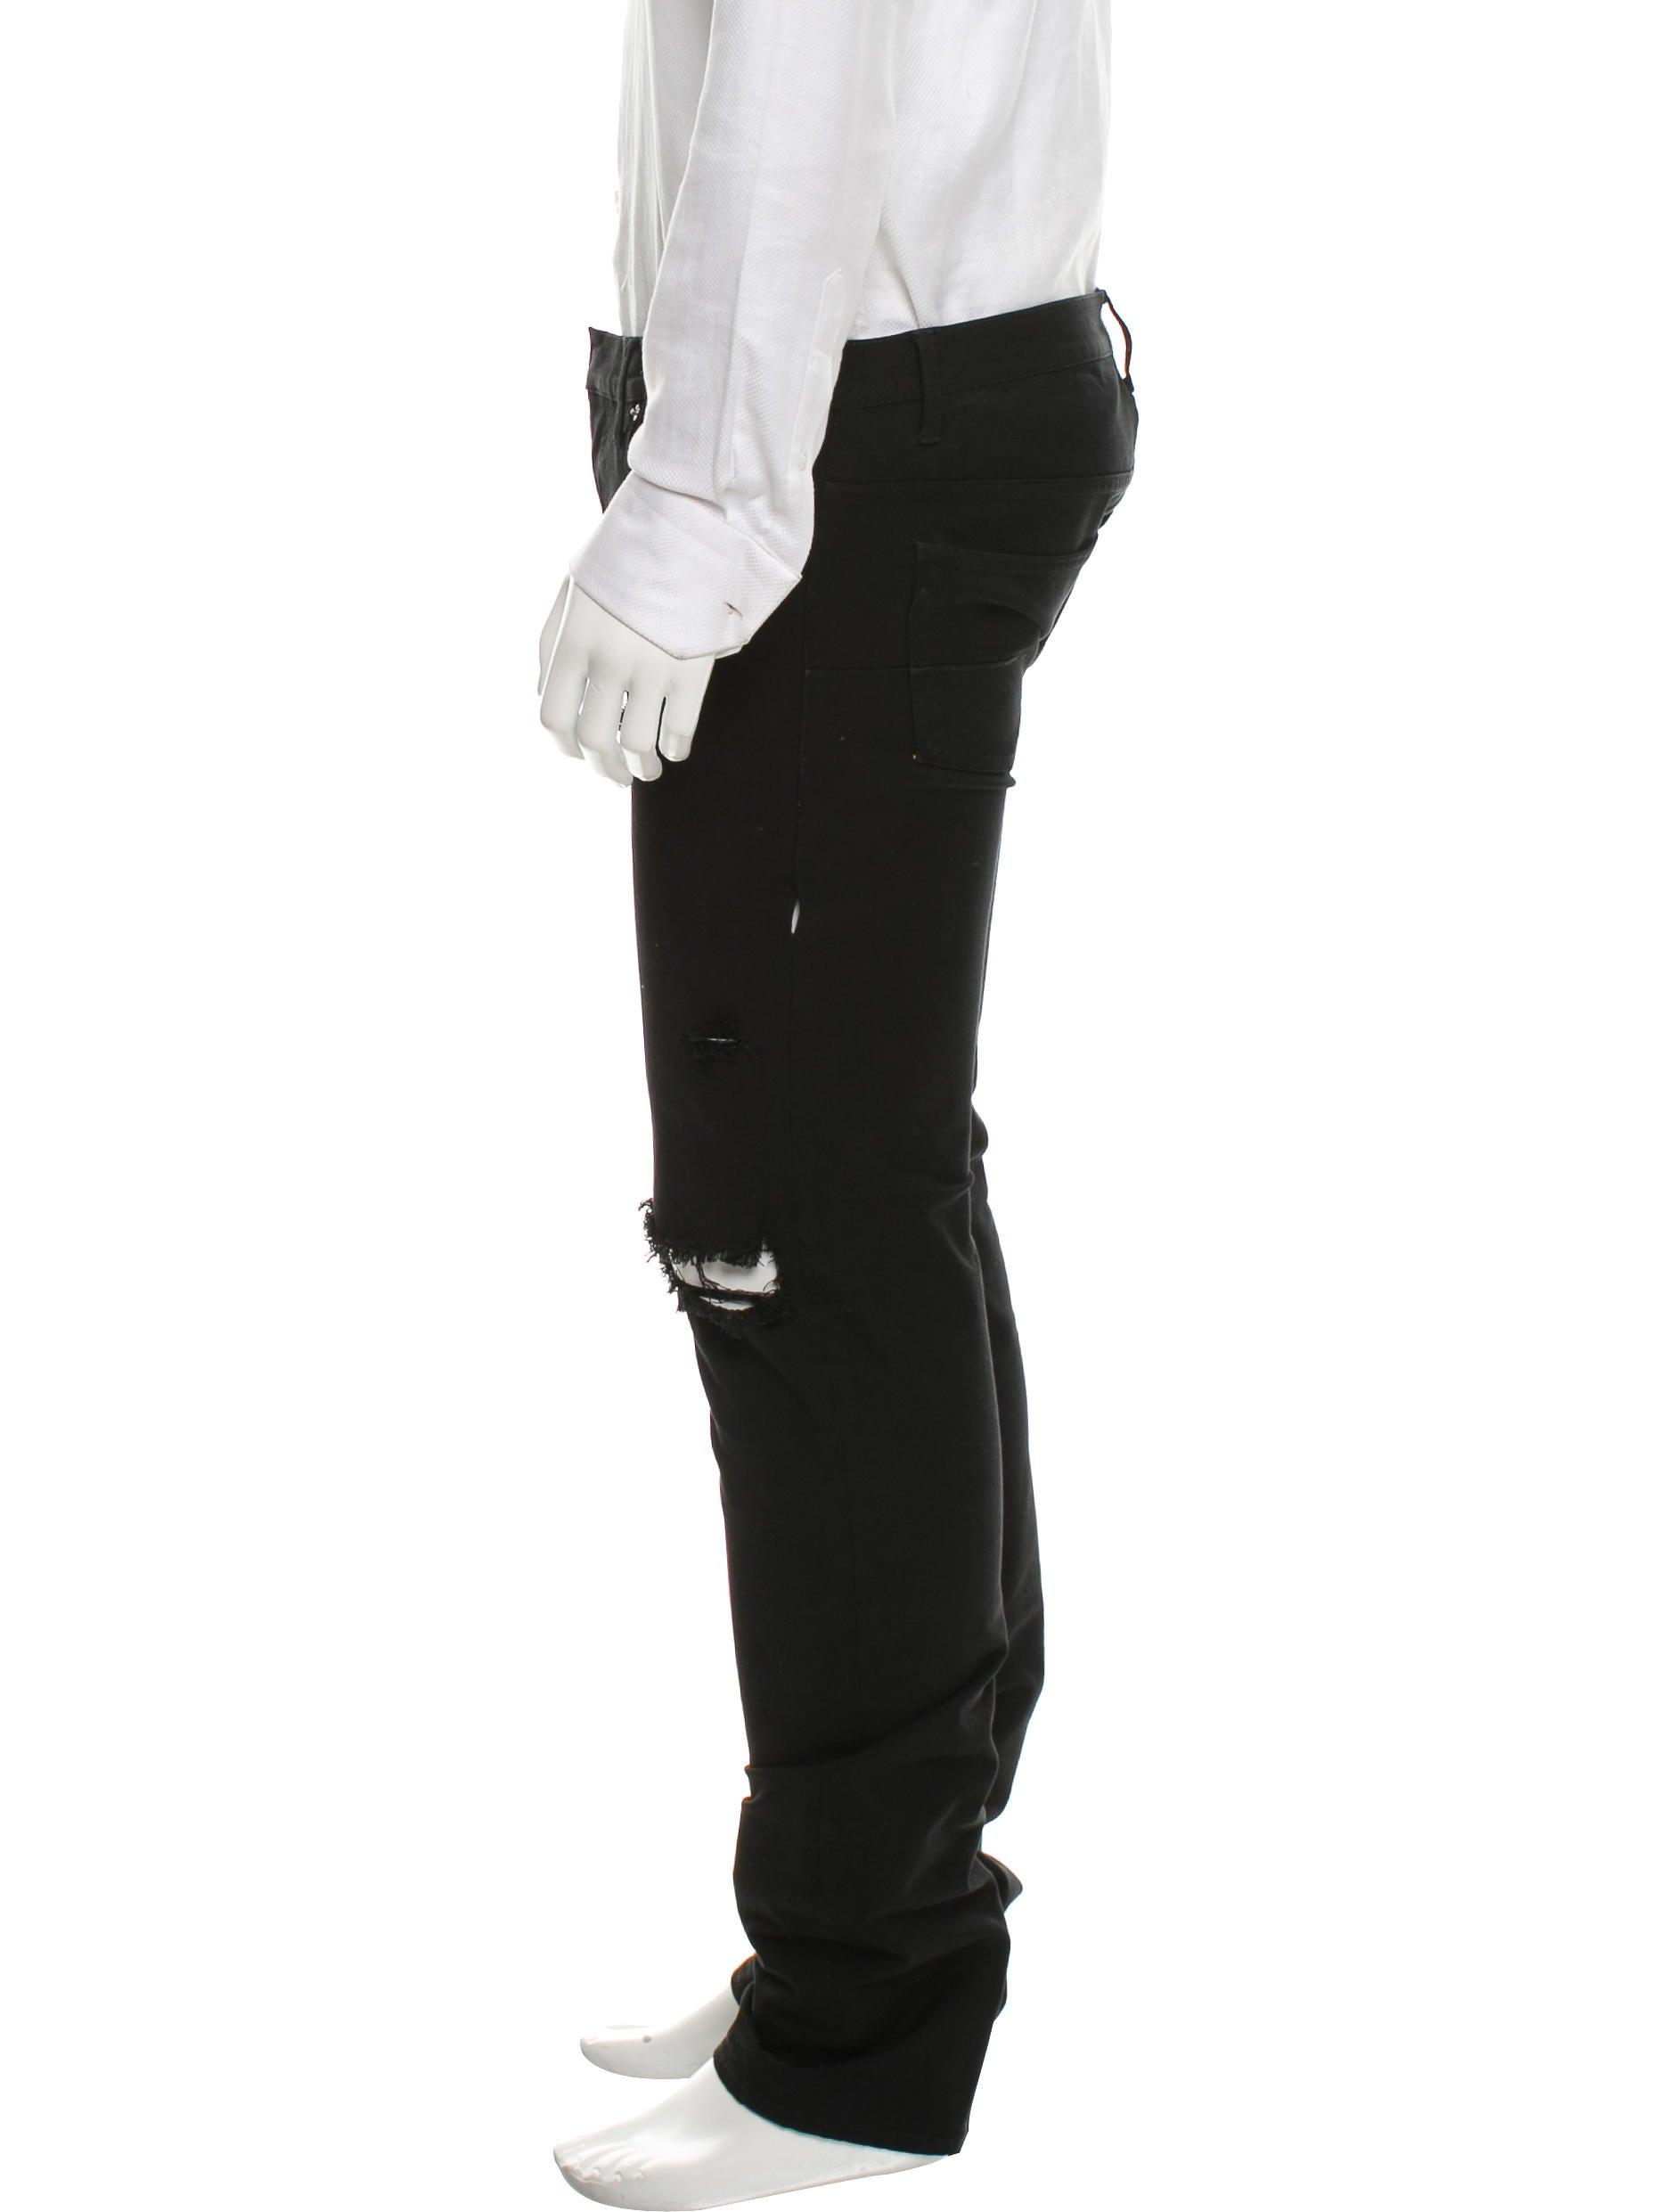 dior homme distressed skinny jeans clothing hmm23128. Black Bedroom Furniture Sets. Home Design Ideas